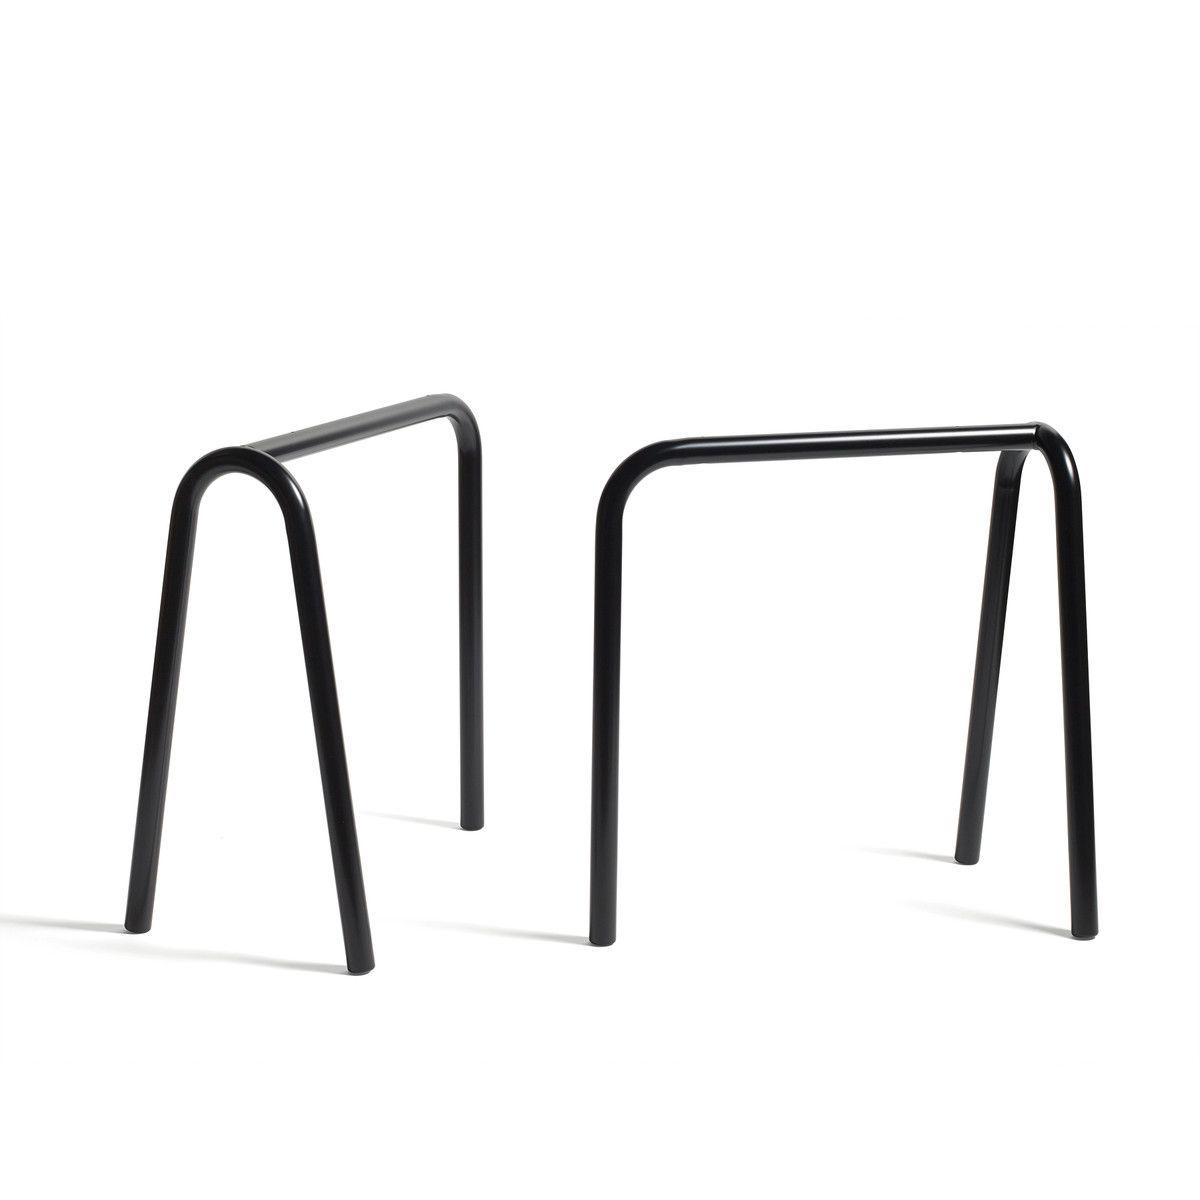 Hay Tischböcke hay loop tischböcke stand frame schwarz 2 stück tables